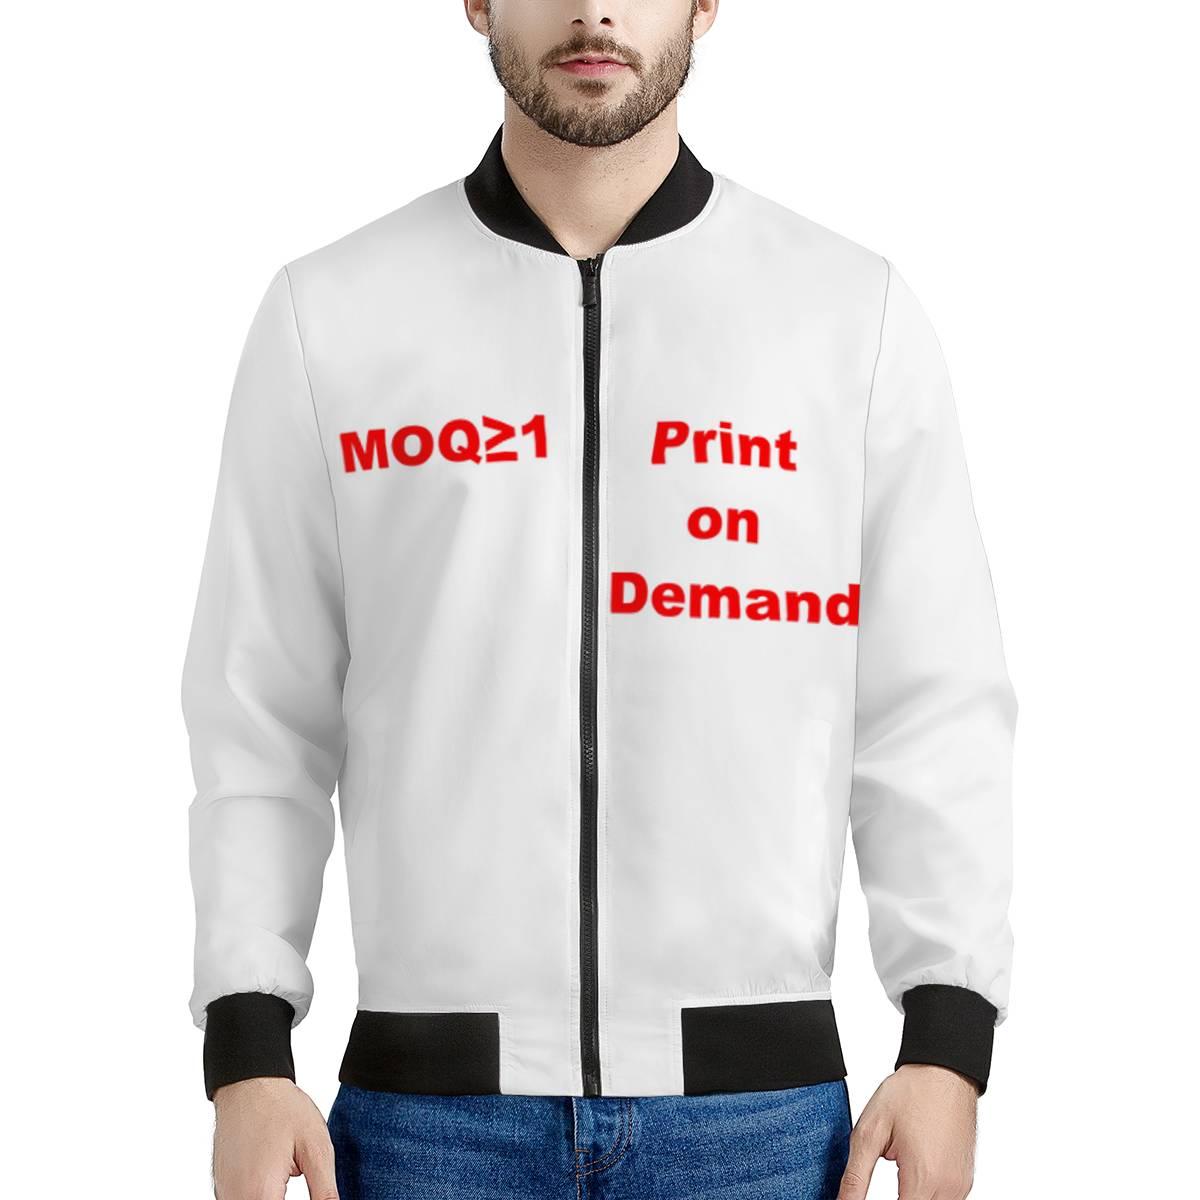 Vestes et manteaux personnalisés pour hommes   Blouson bombardier de grande taille pour hommes, jetons de pommes de terre imprimés sur demande pour hiver